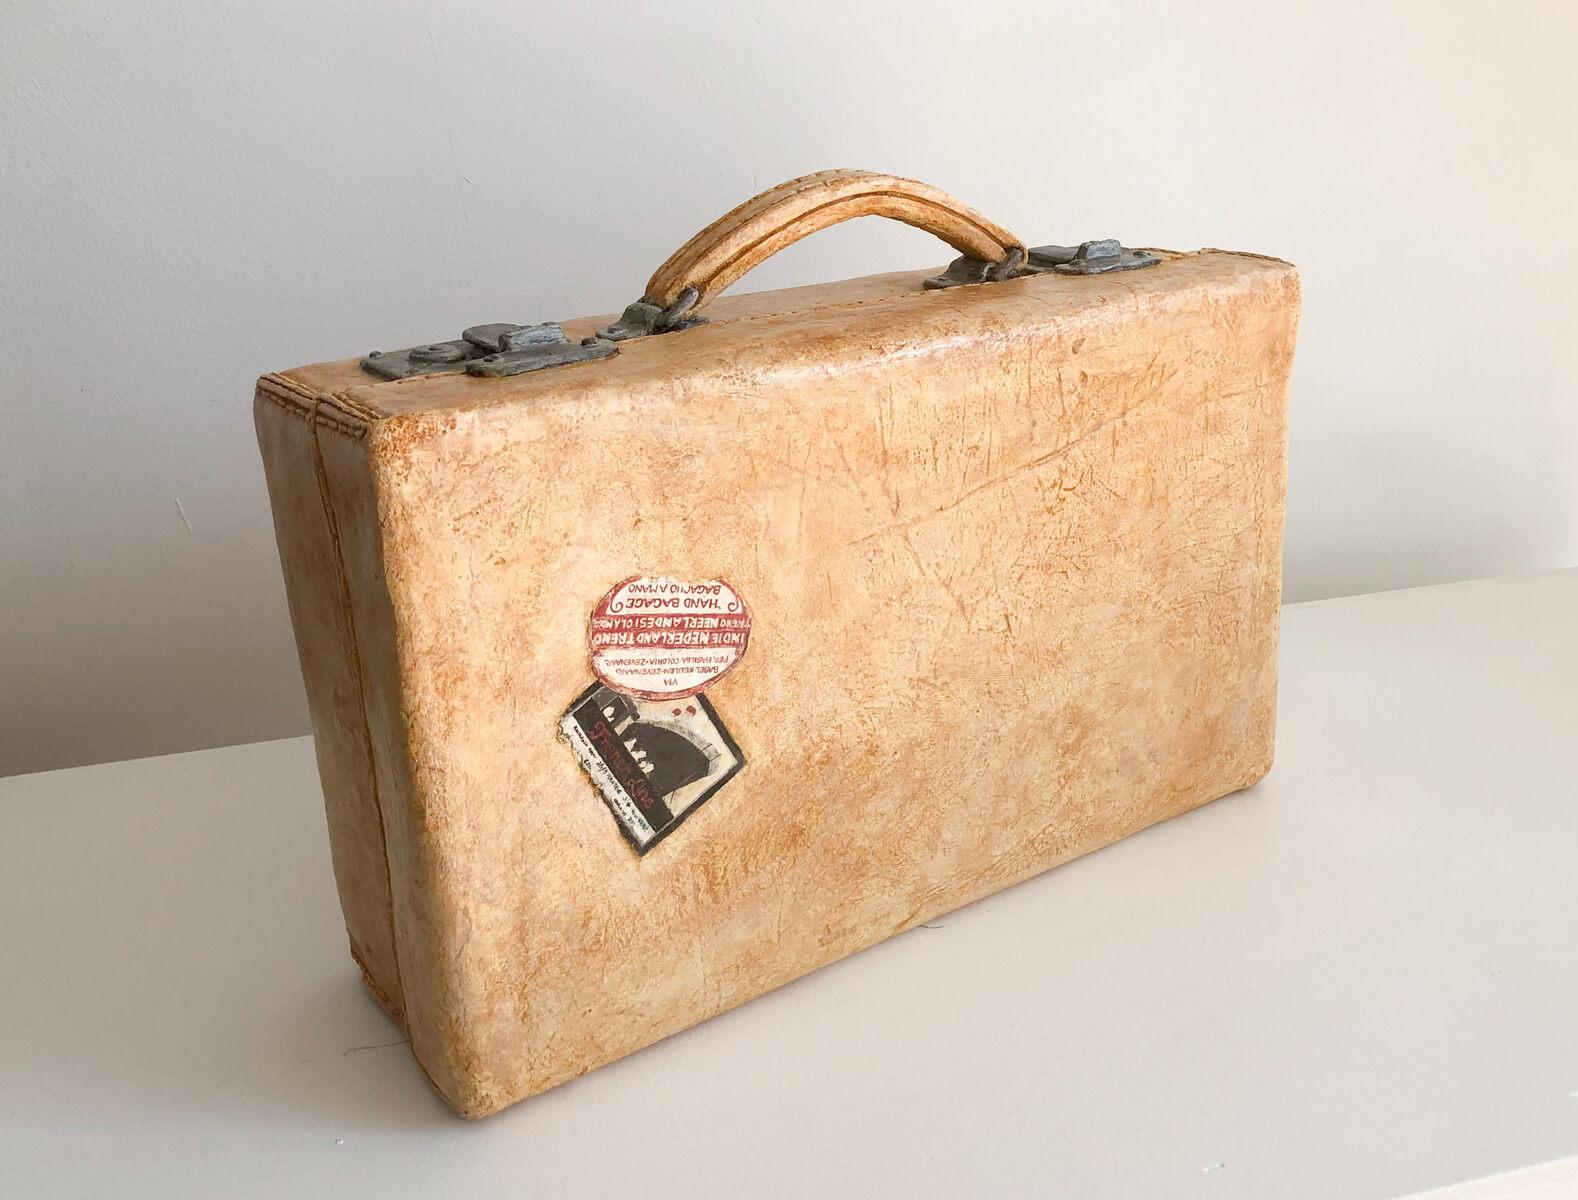 Luyt de Brauw  'Koffertje'